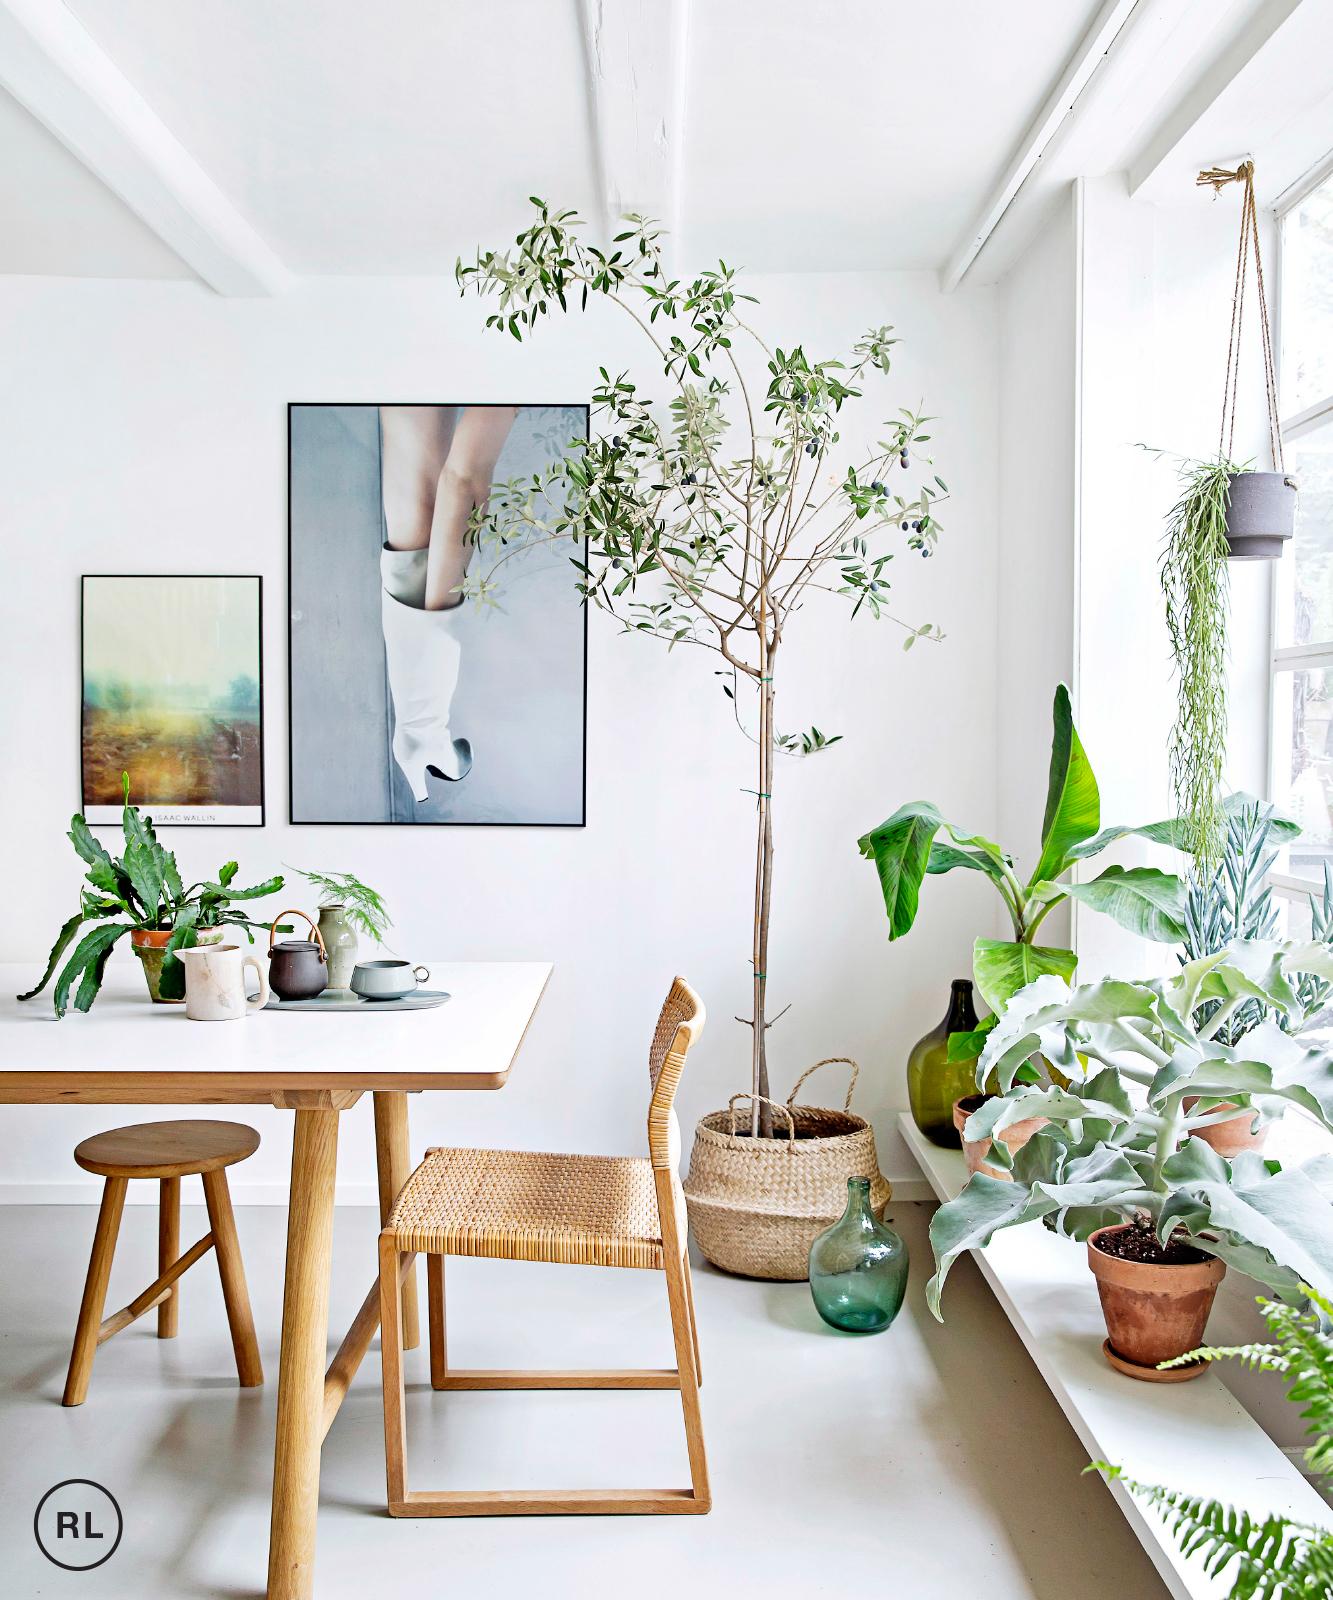 Des plantes, du blanc et des meubles en bois doré